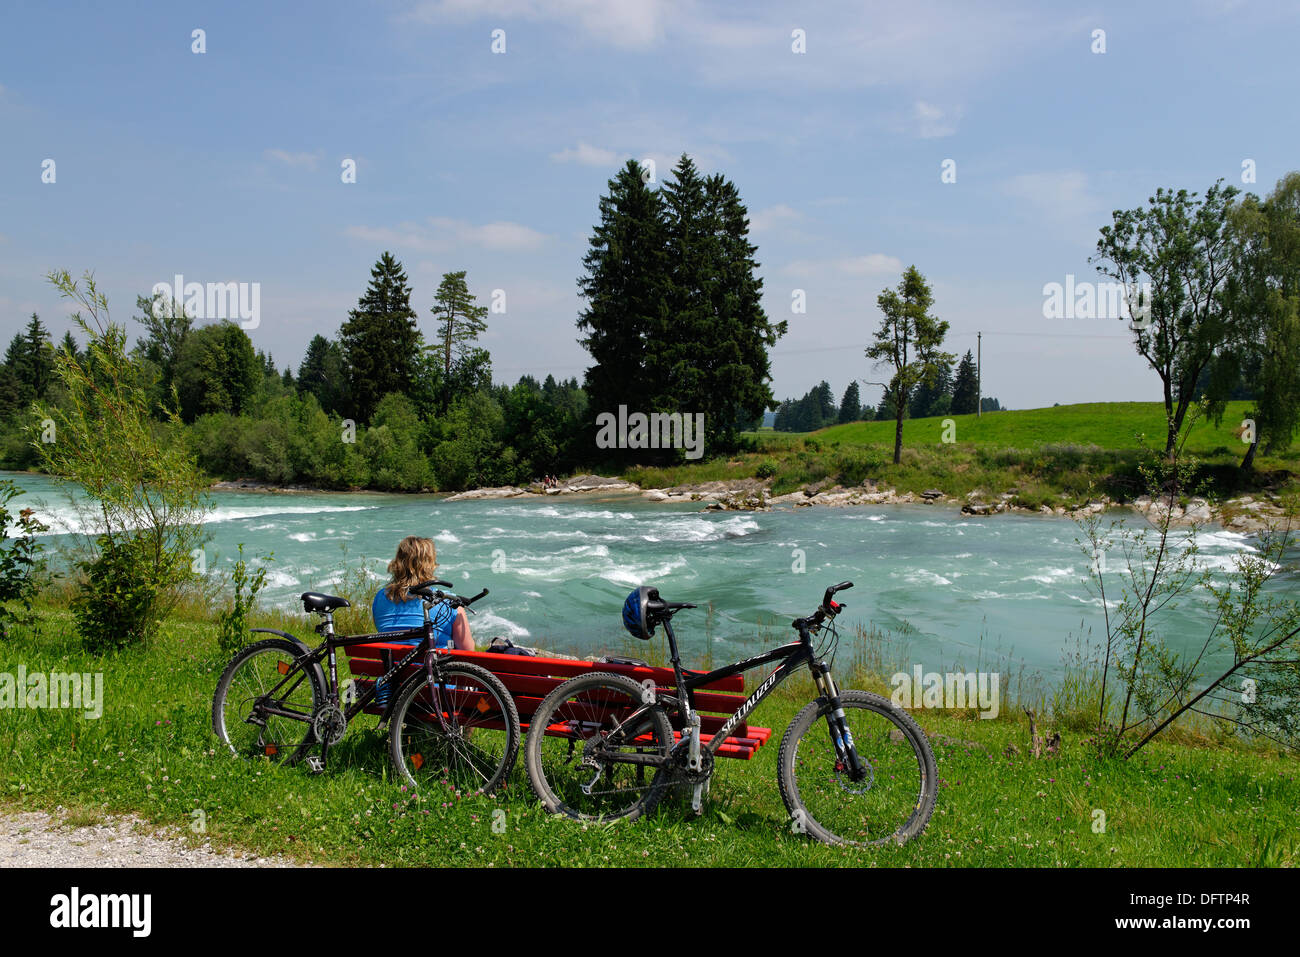 Radfahrer während einer Pause bei den Lech, Way of St. James, Lechbruck am See, Schwaben, Bayern, Deutschland Stockbild